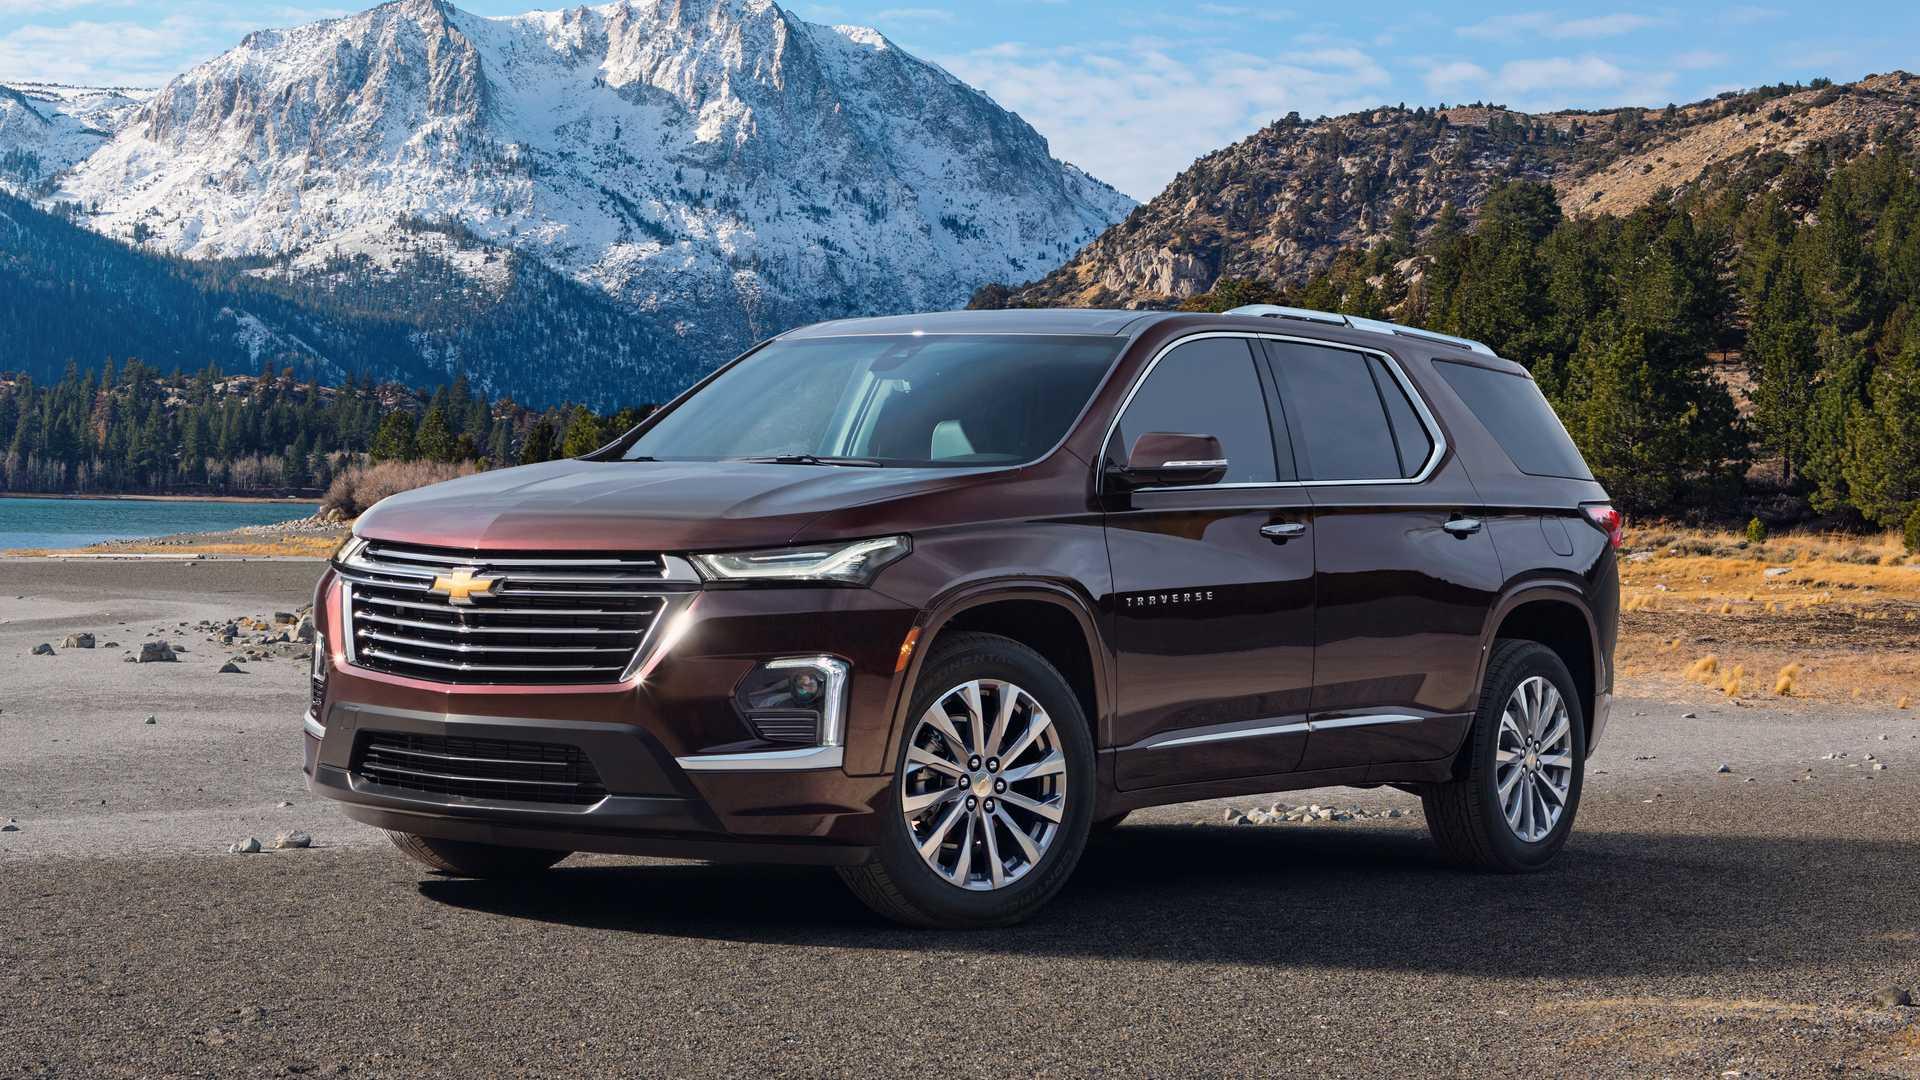 Автомобили Chevrolet подорожали на российском рынке